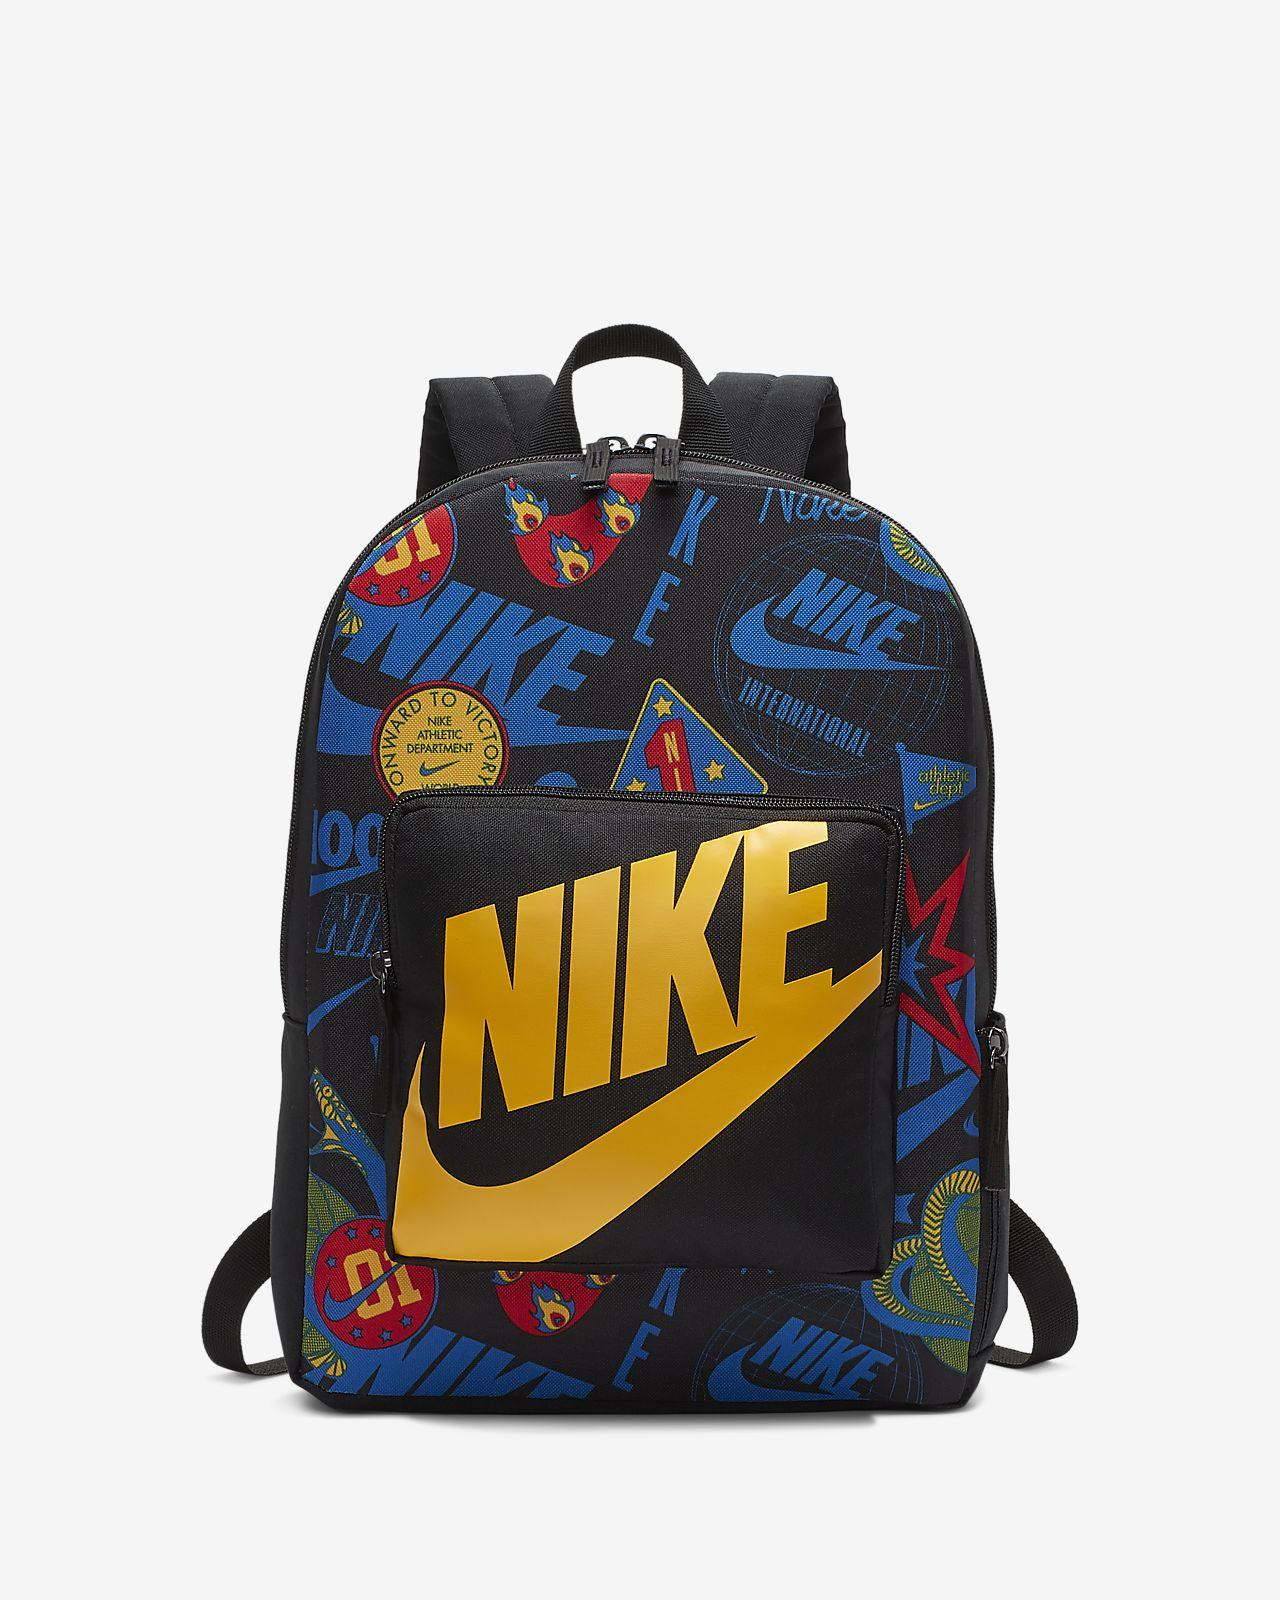 Mochila estampada Nike Classic para criança